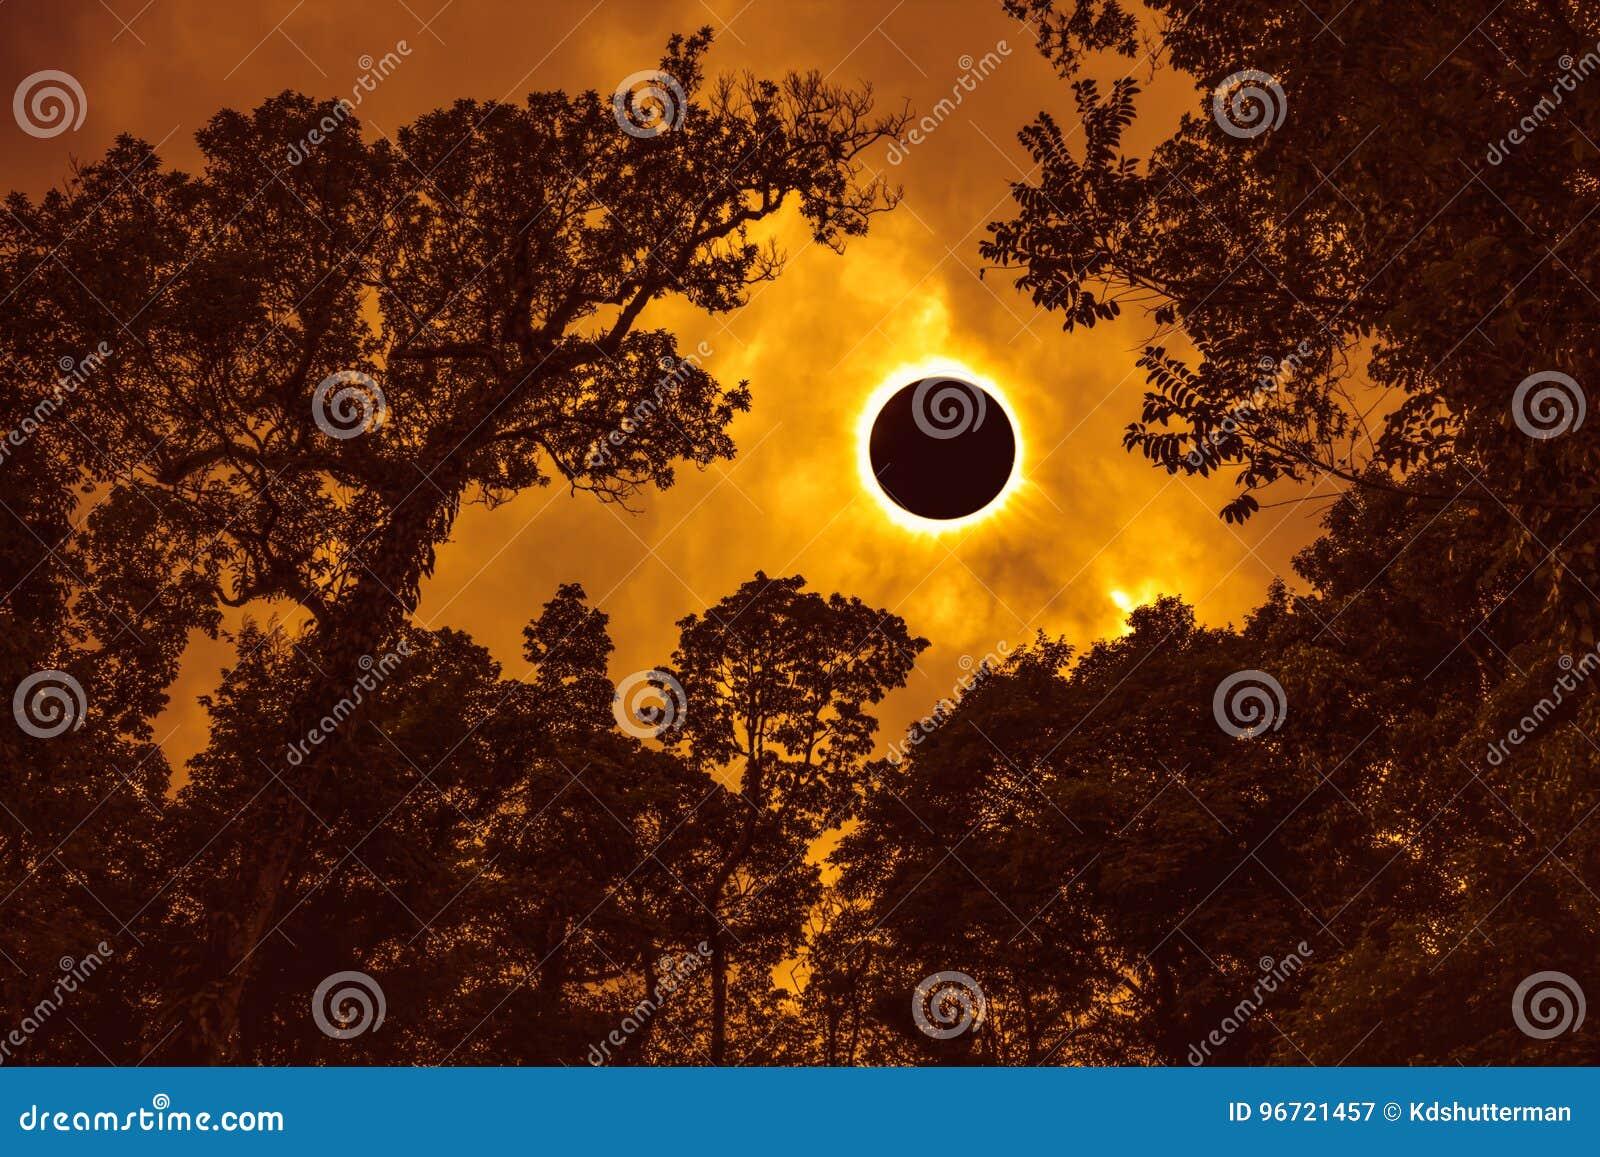 Wetenschappelijk natuurverschijnsel Totale zonneverduistering die op sk gloeien